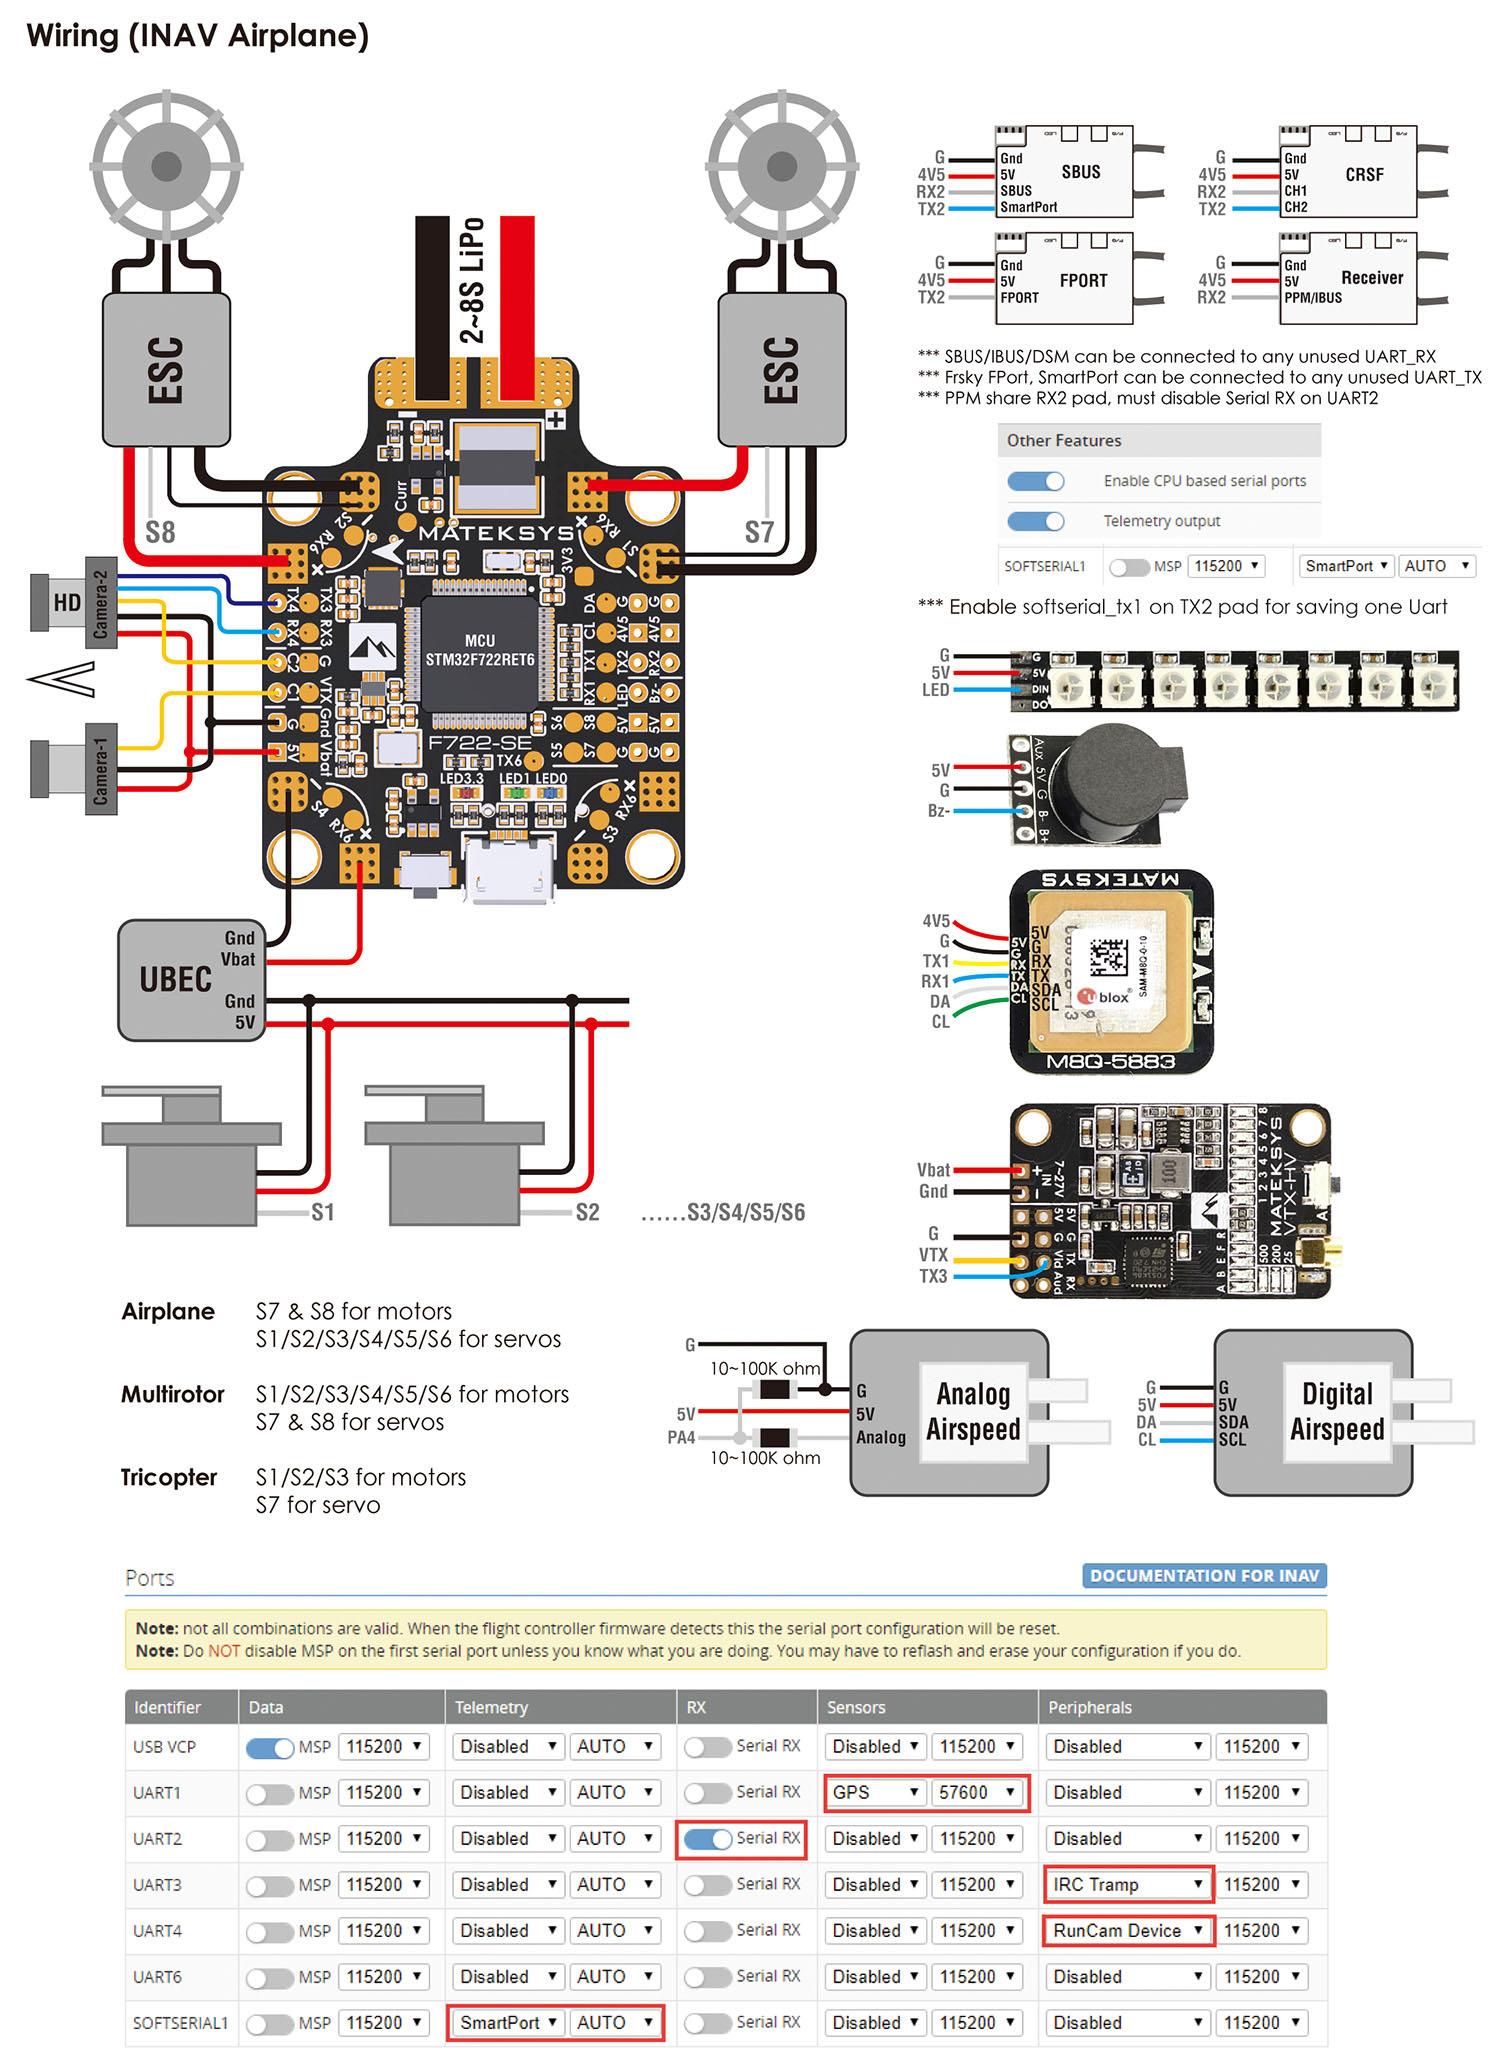 Подключение Matek F722-SE для постройки самолета на iNav